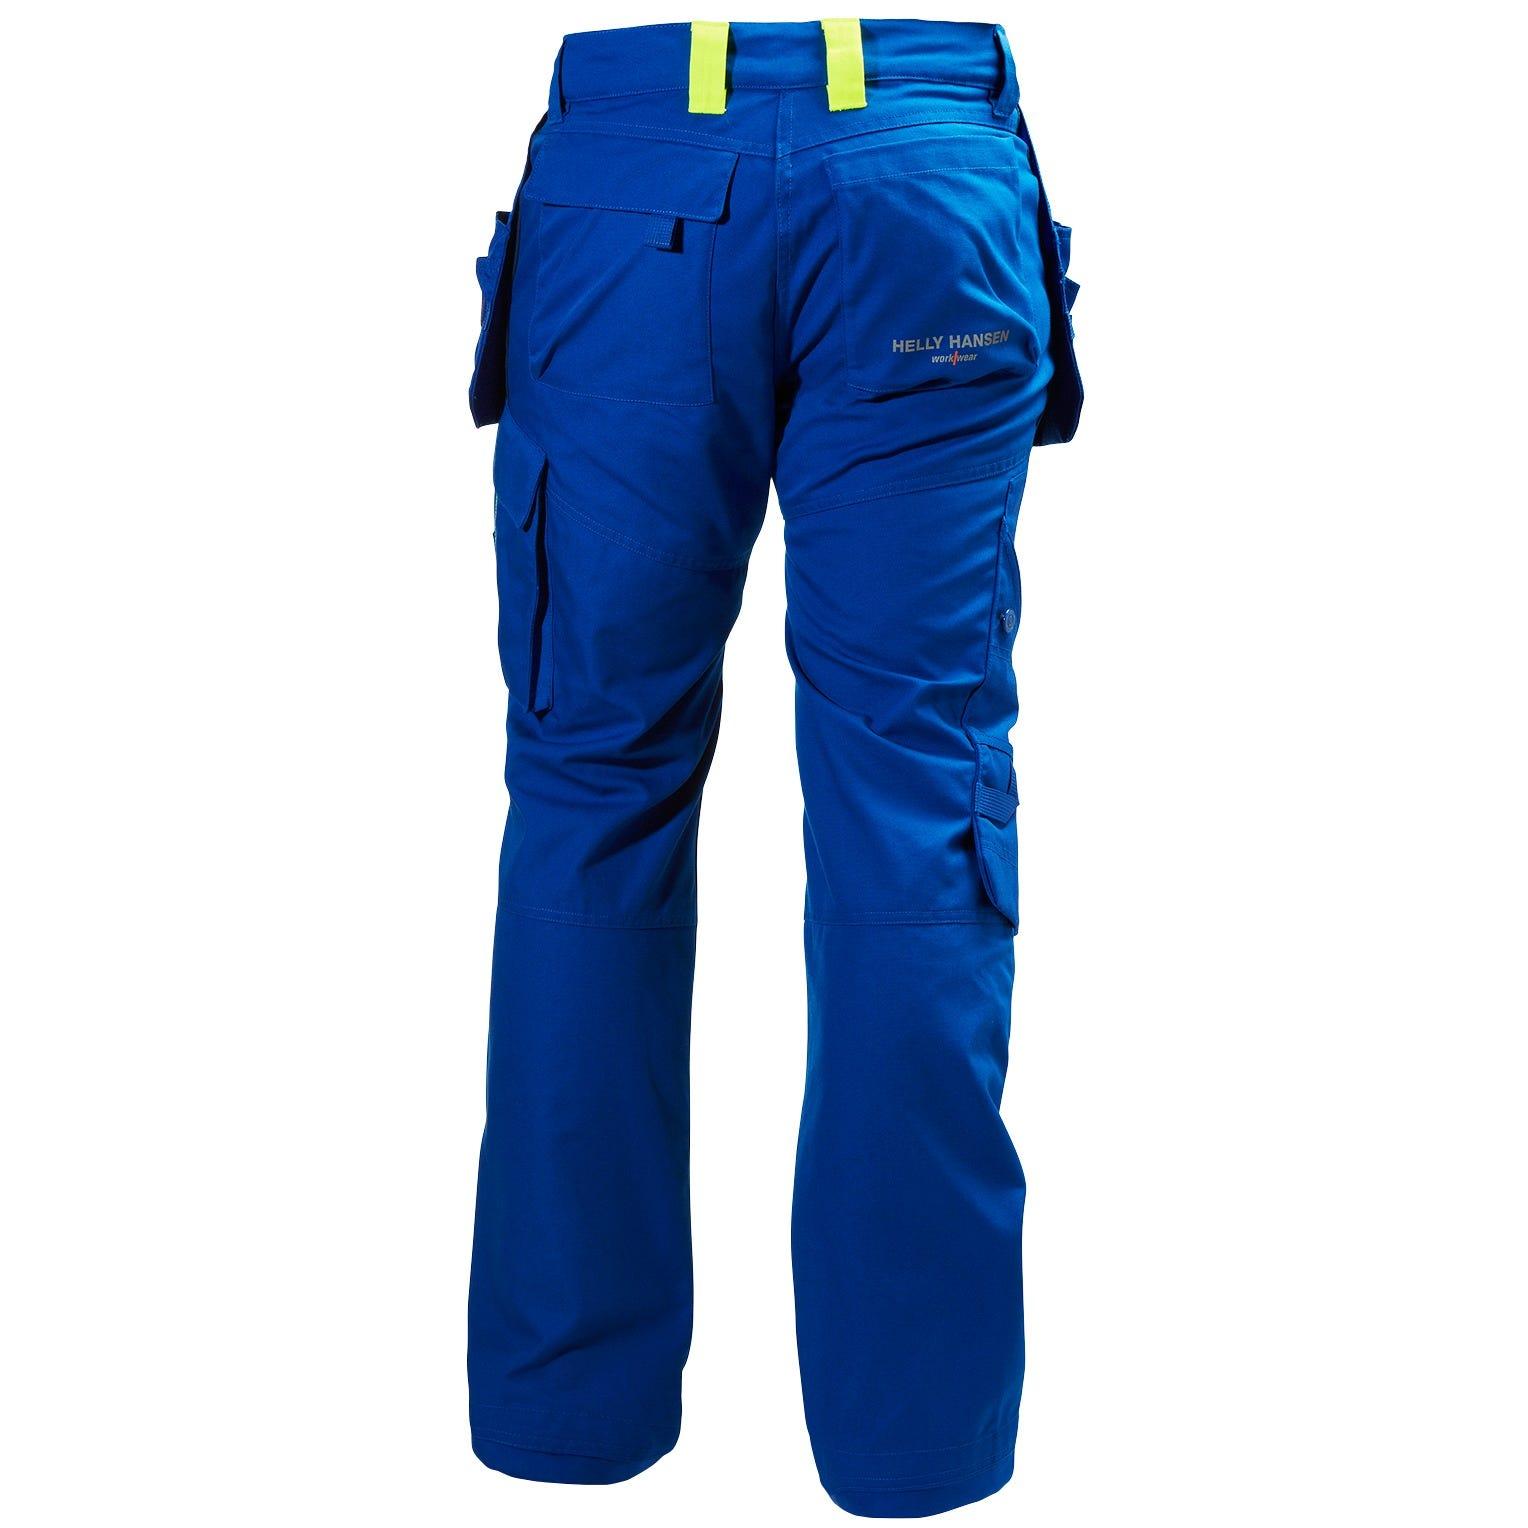 Helly Hansen Werkbroeken Aker 77401 kobaltblauw-avondblauw(555)